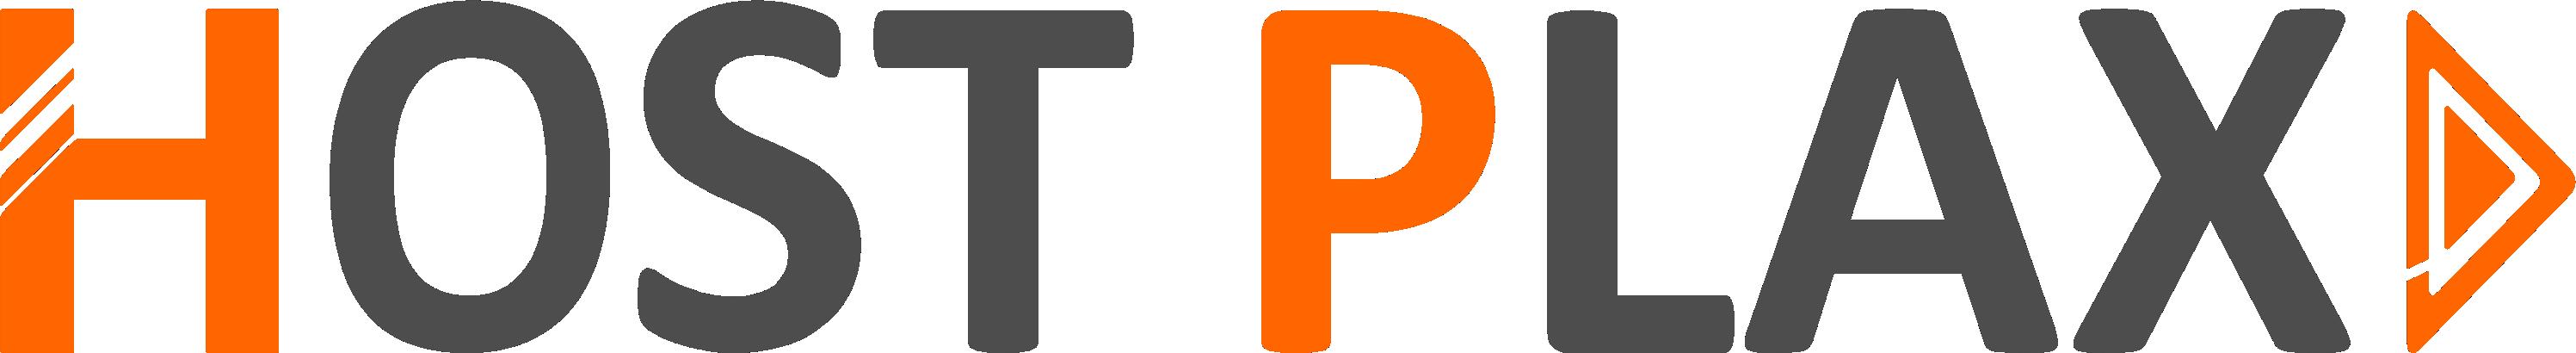 HostPlax.com Logo